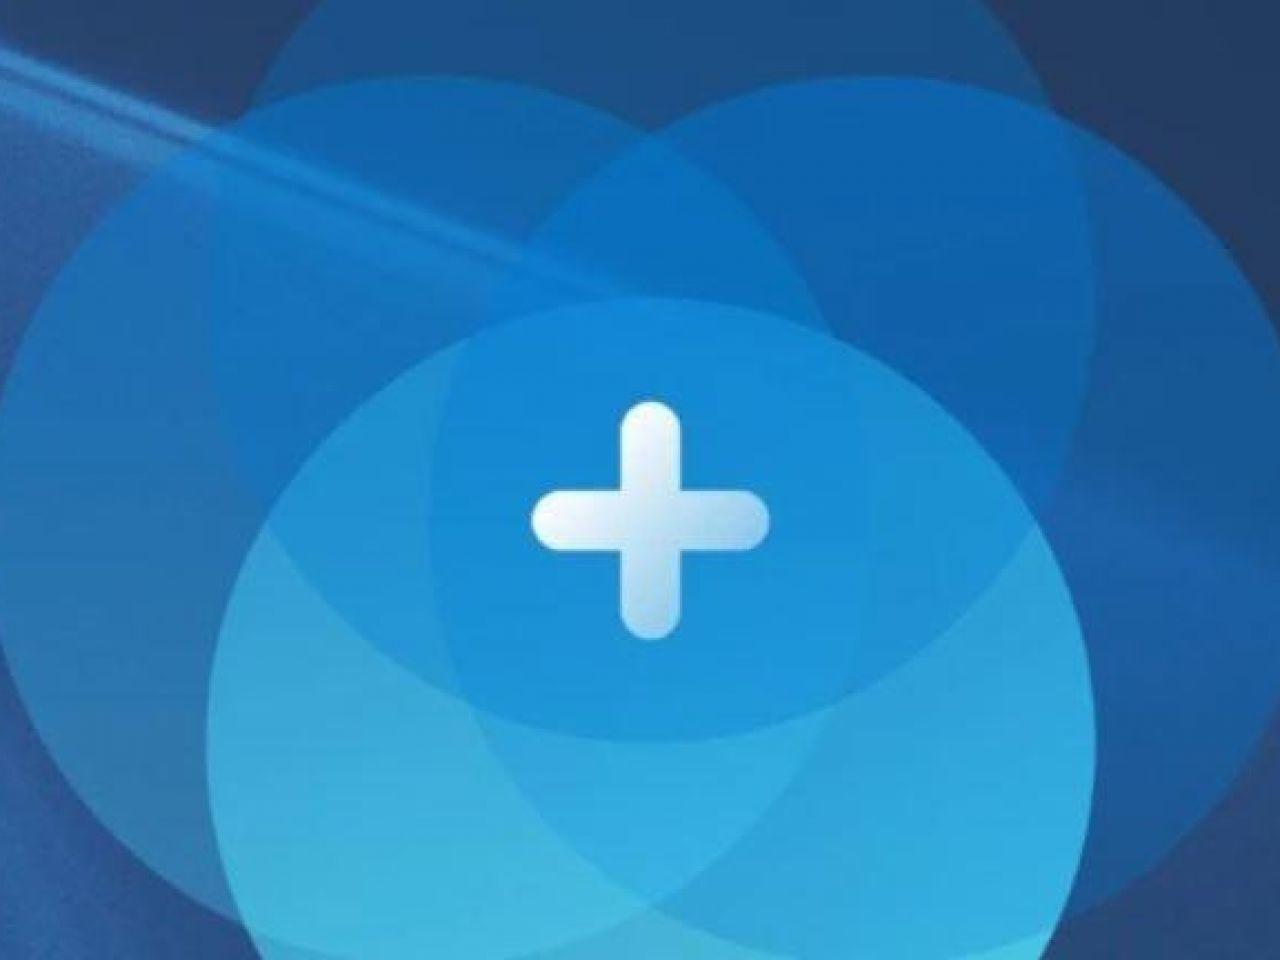 マイクロソフトの業界別クラウド、医療業界向け「Cloud for Healthcare」提供 - ZDNet Japan